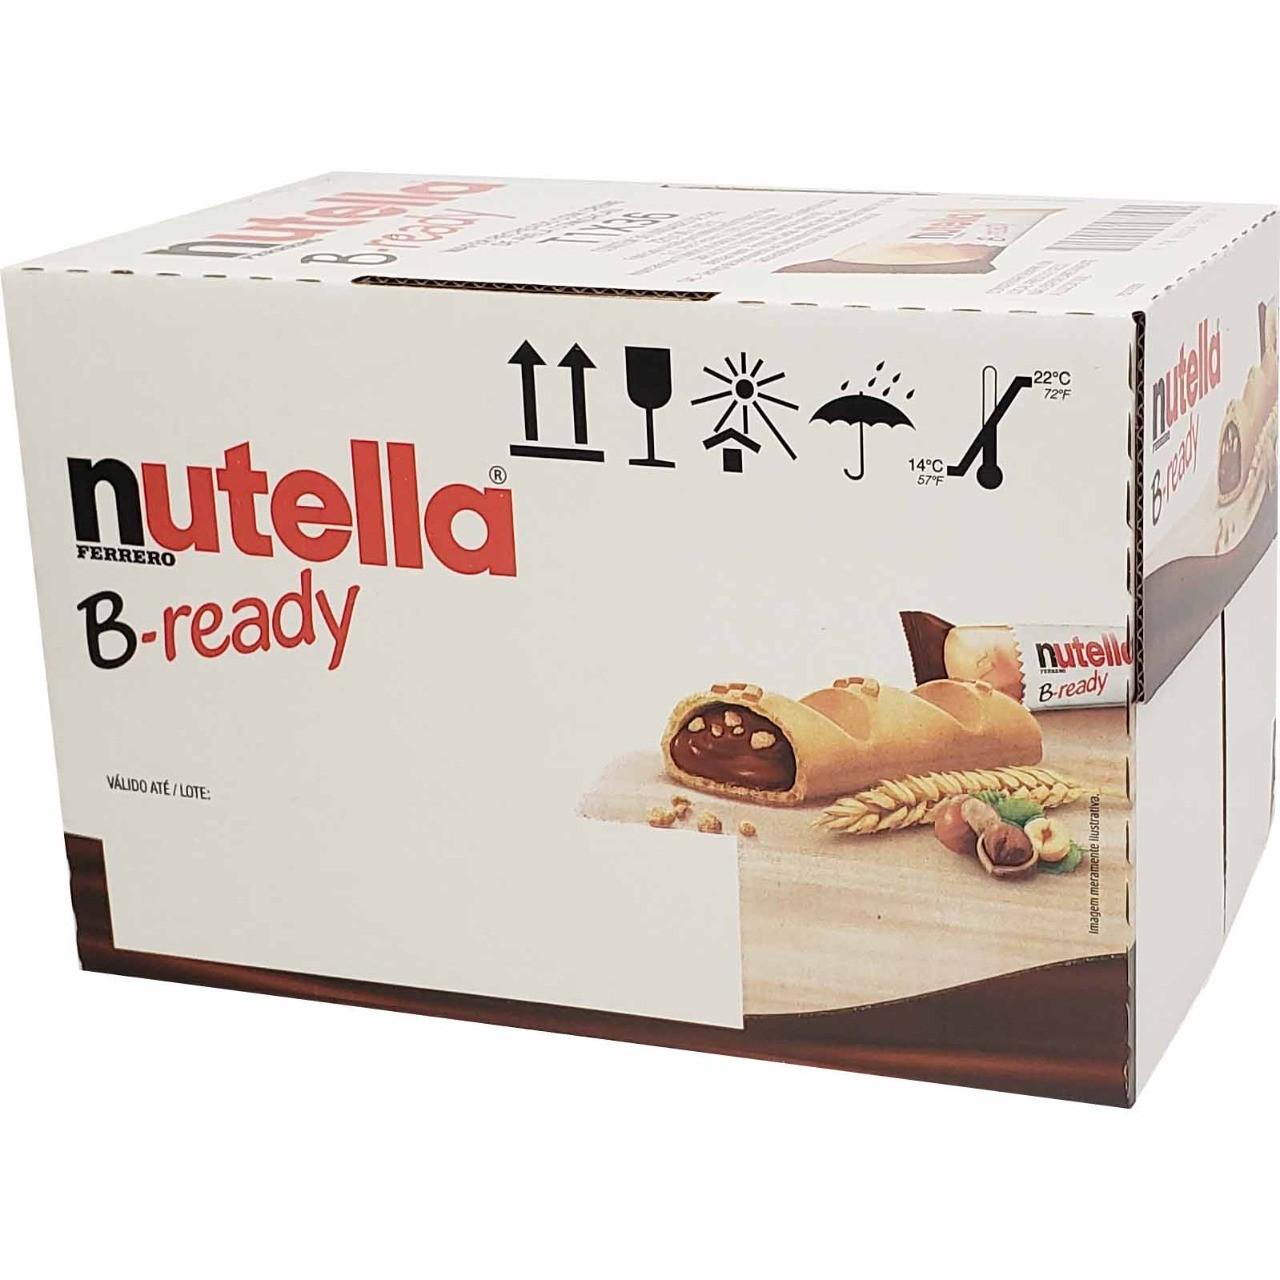 Biscoito wafer creme Nutella B-ready (36unx22g)